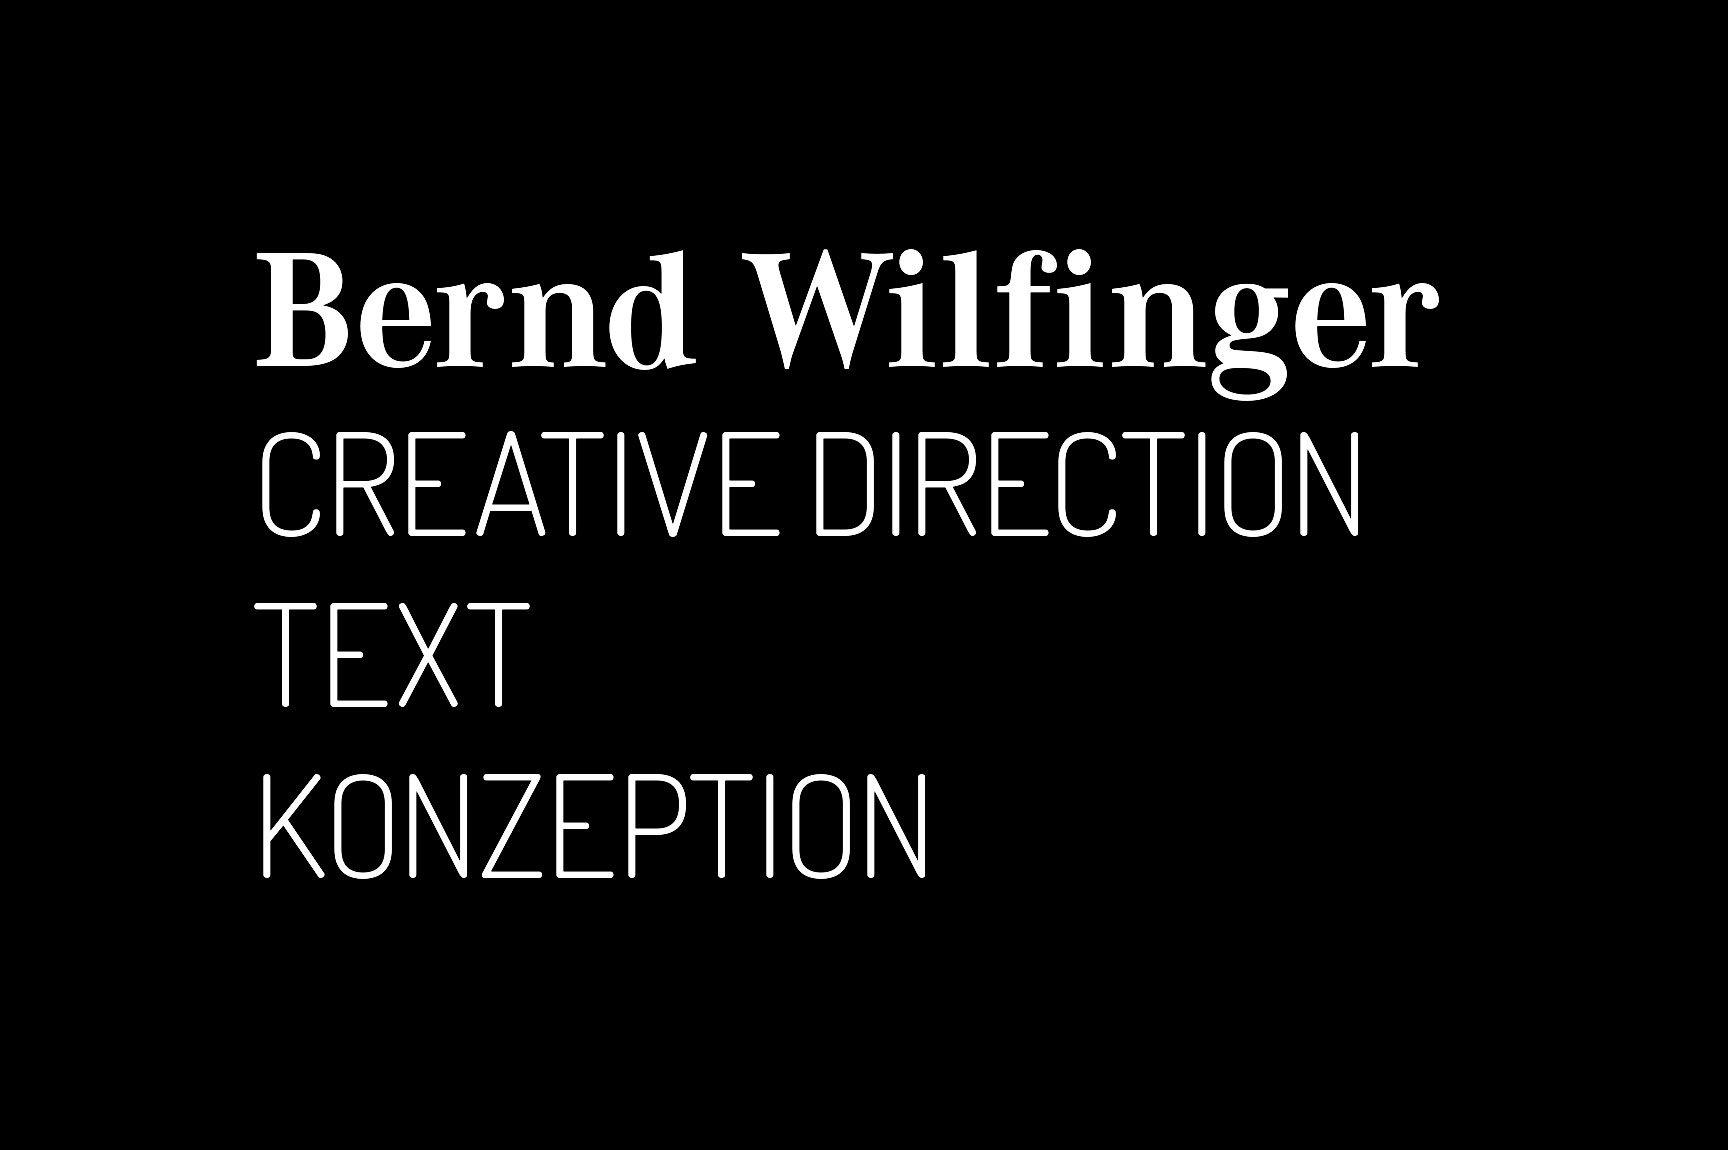 Bernd_Logo